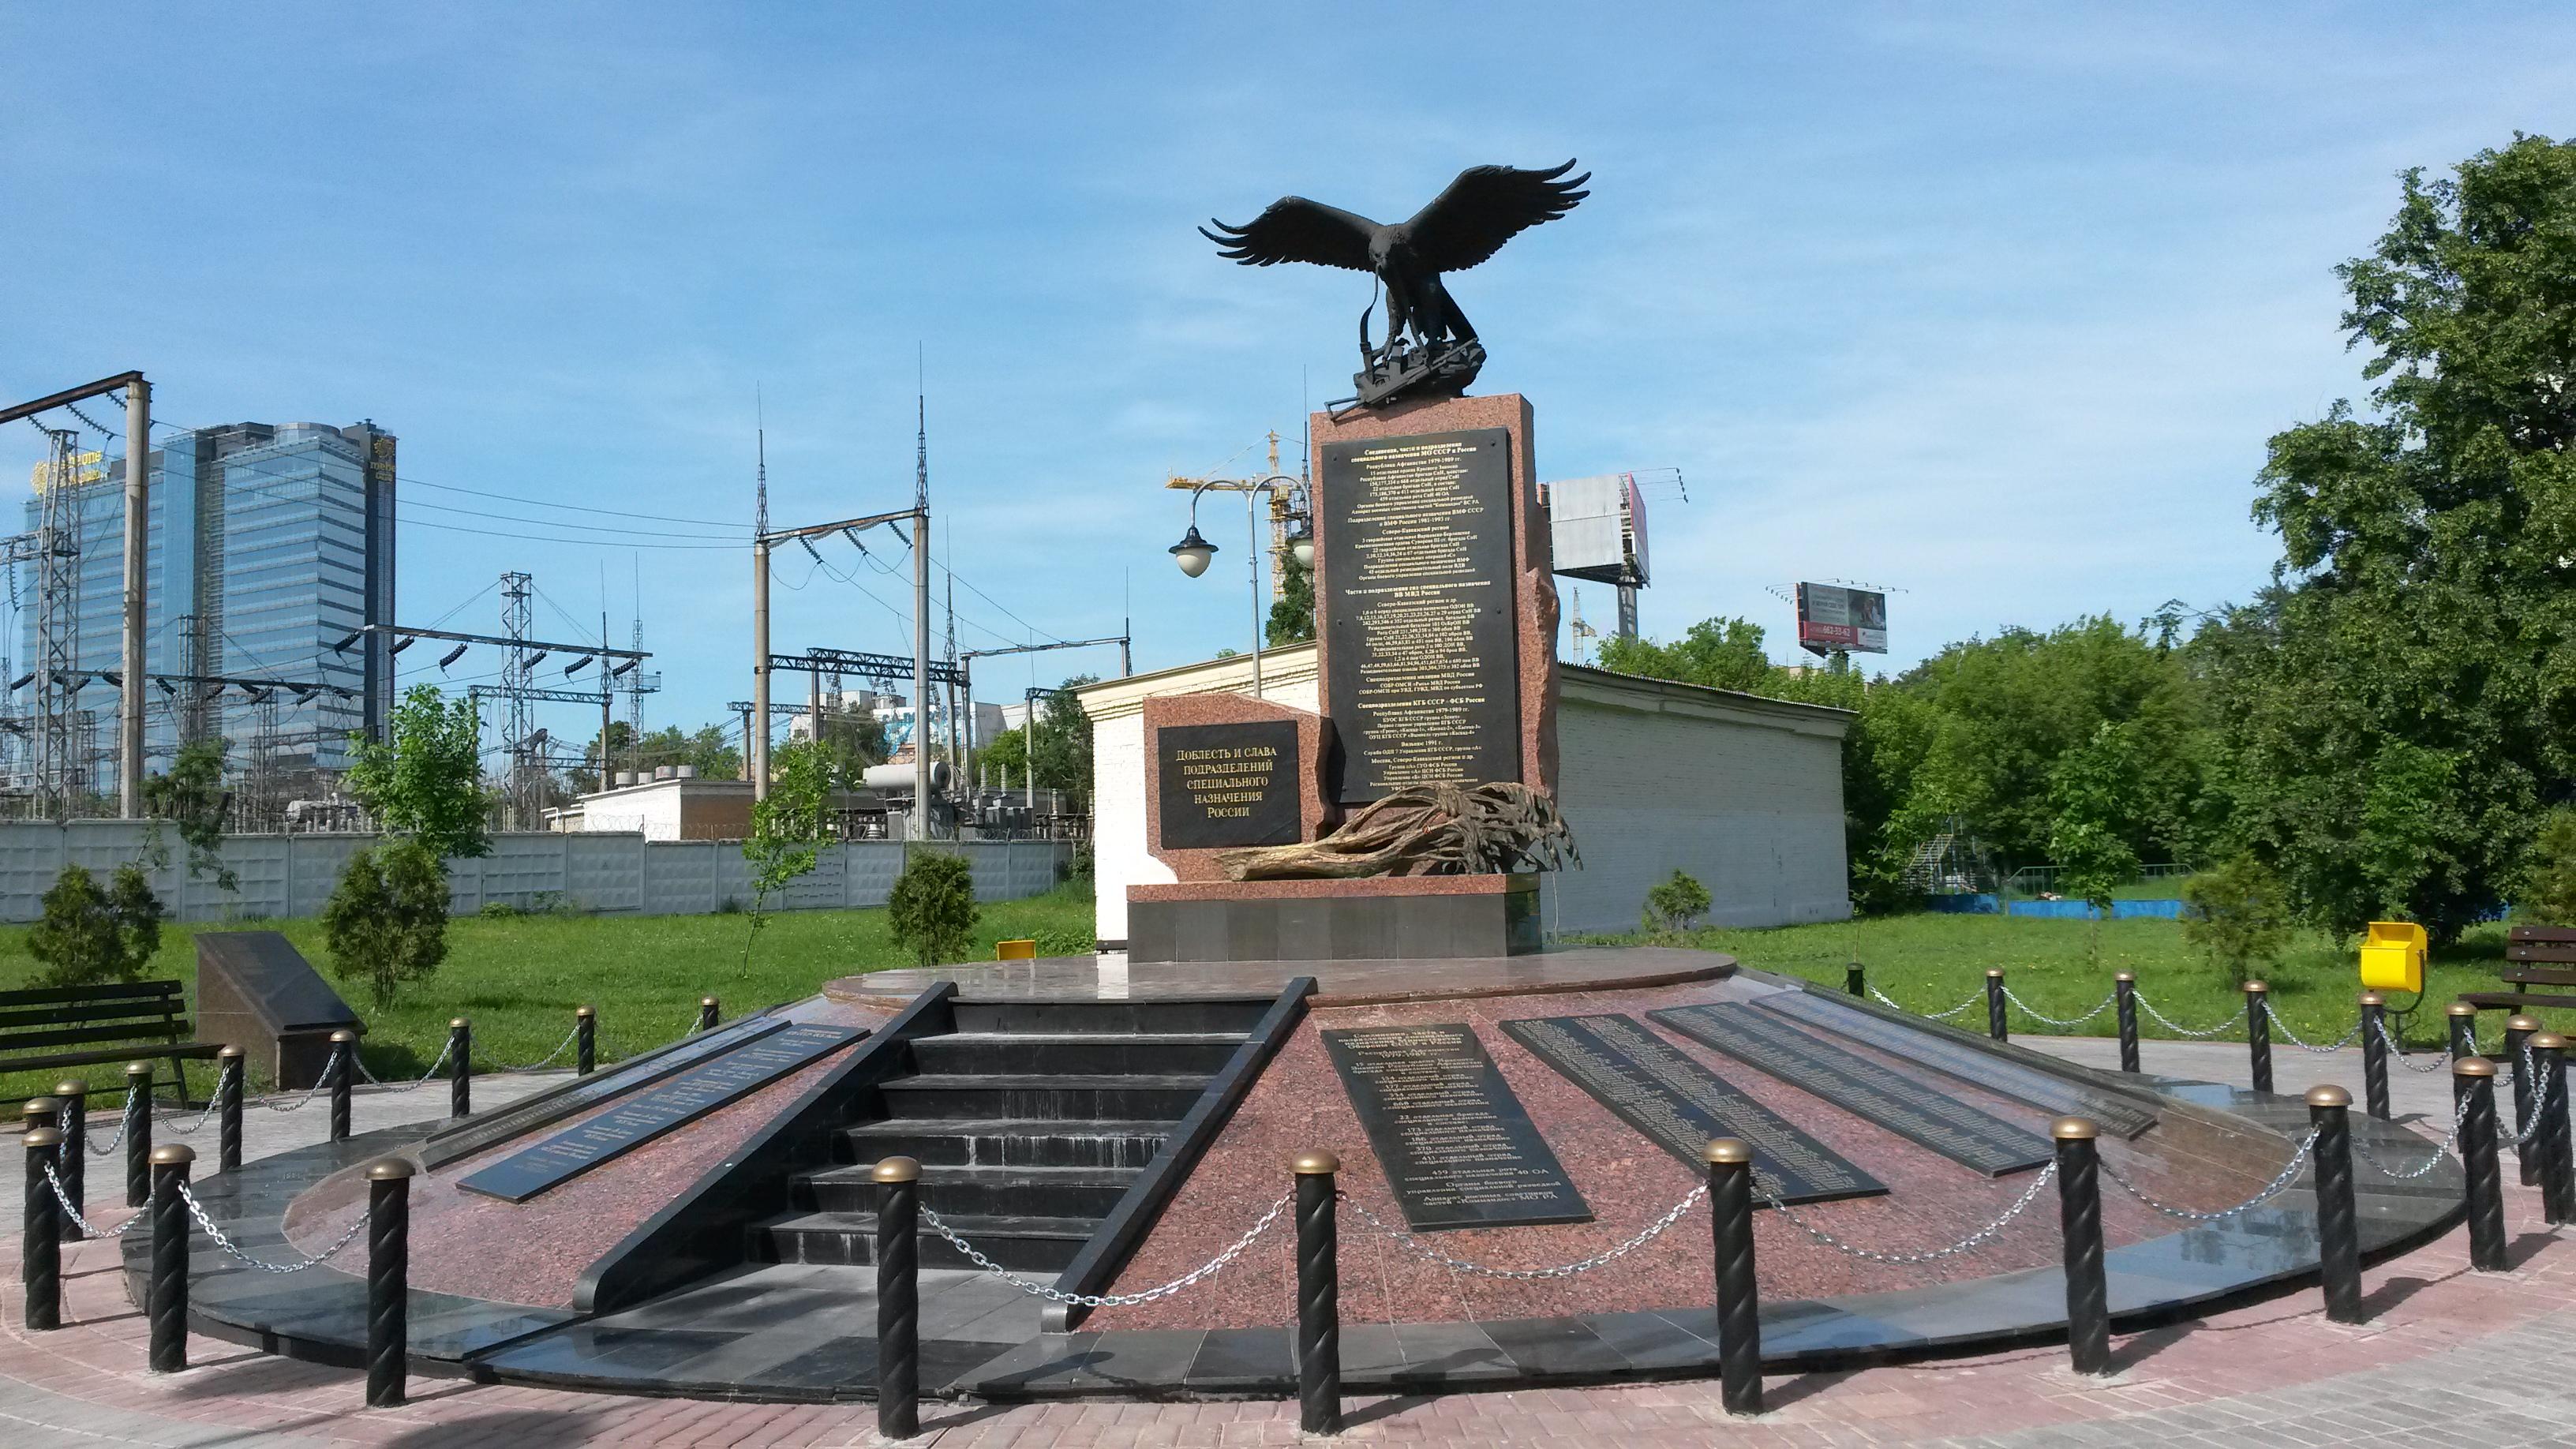 File:Памятник подразделениям специального назначения Химки